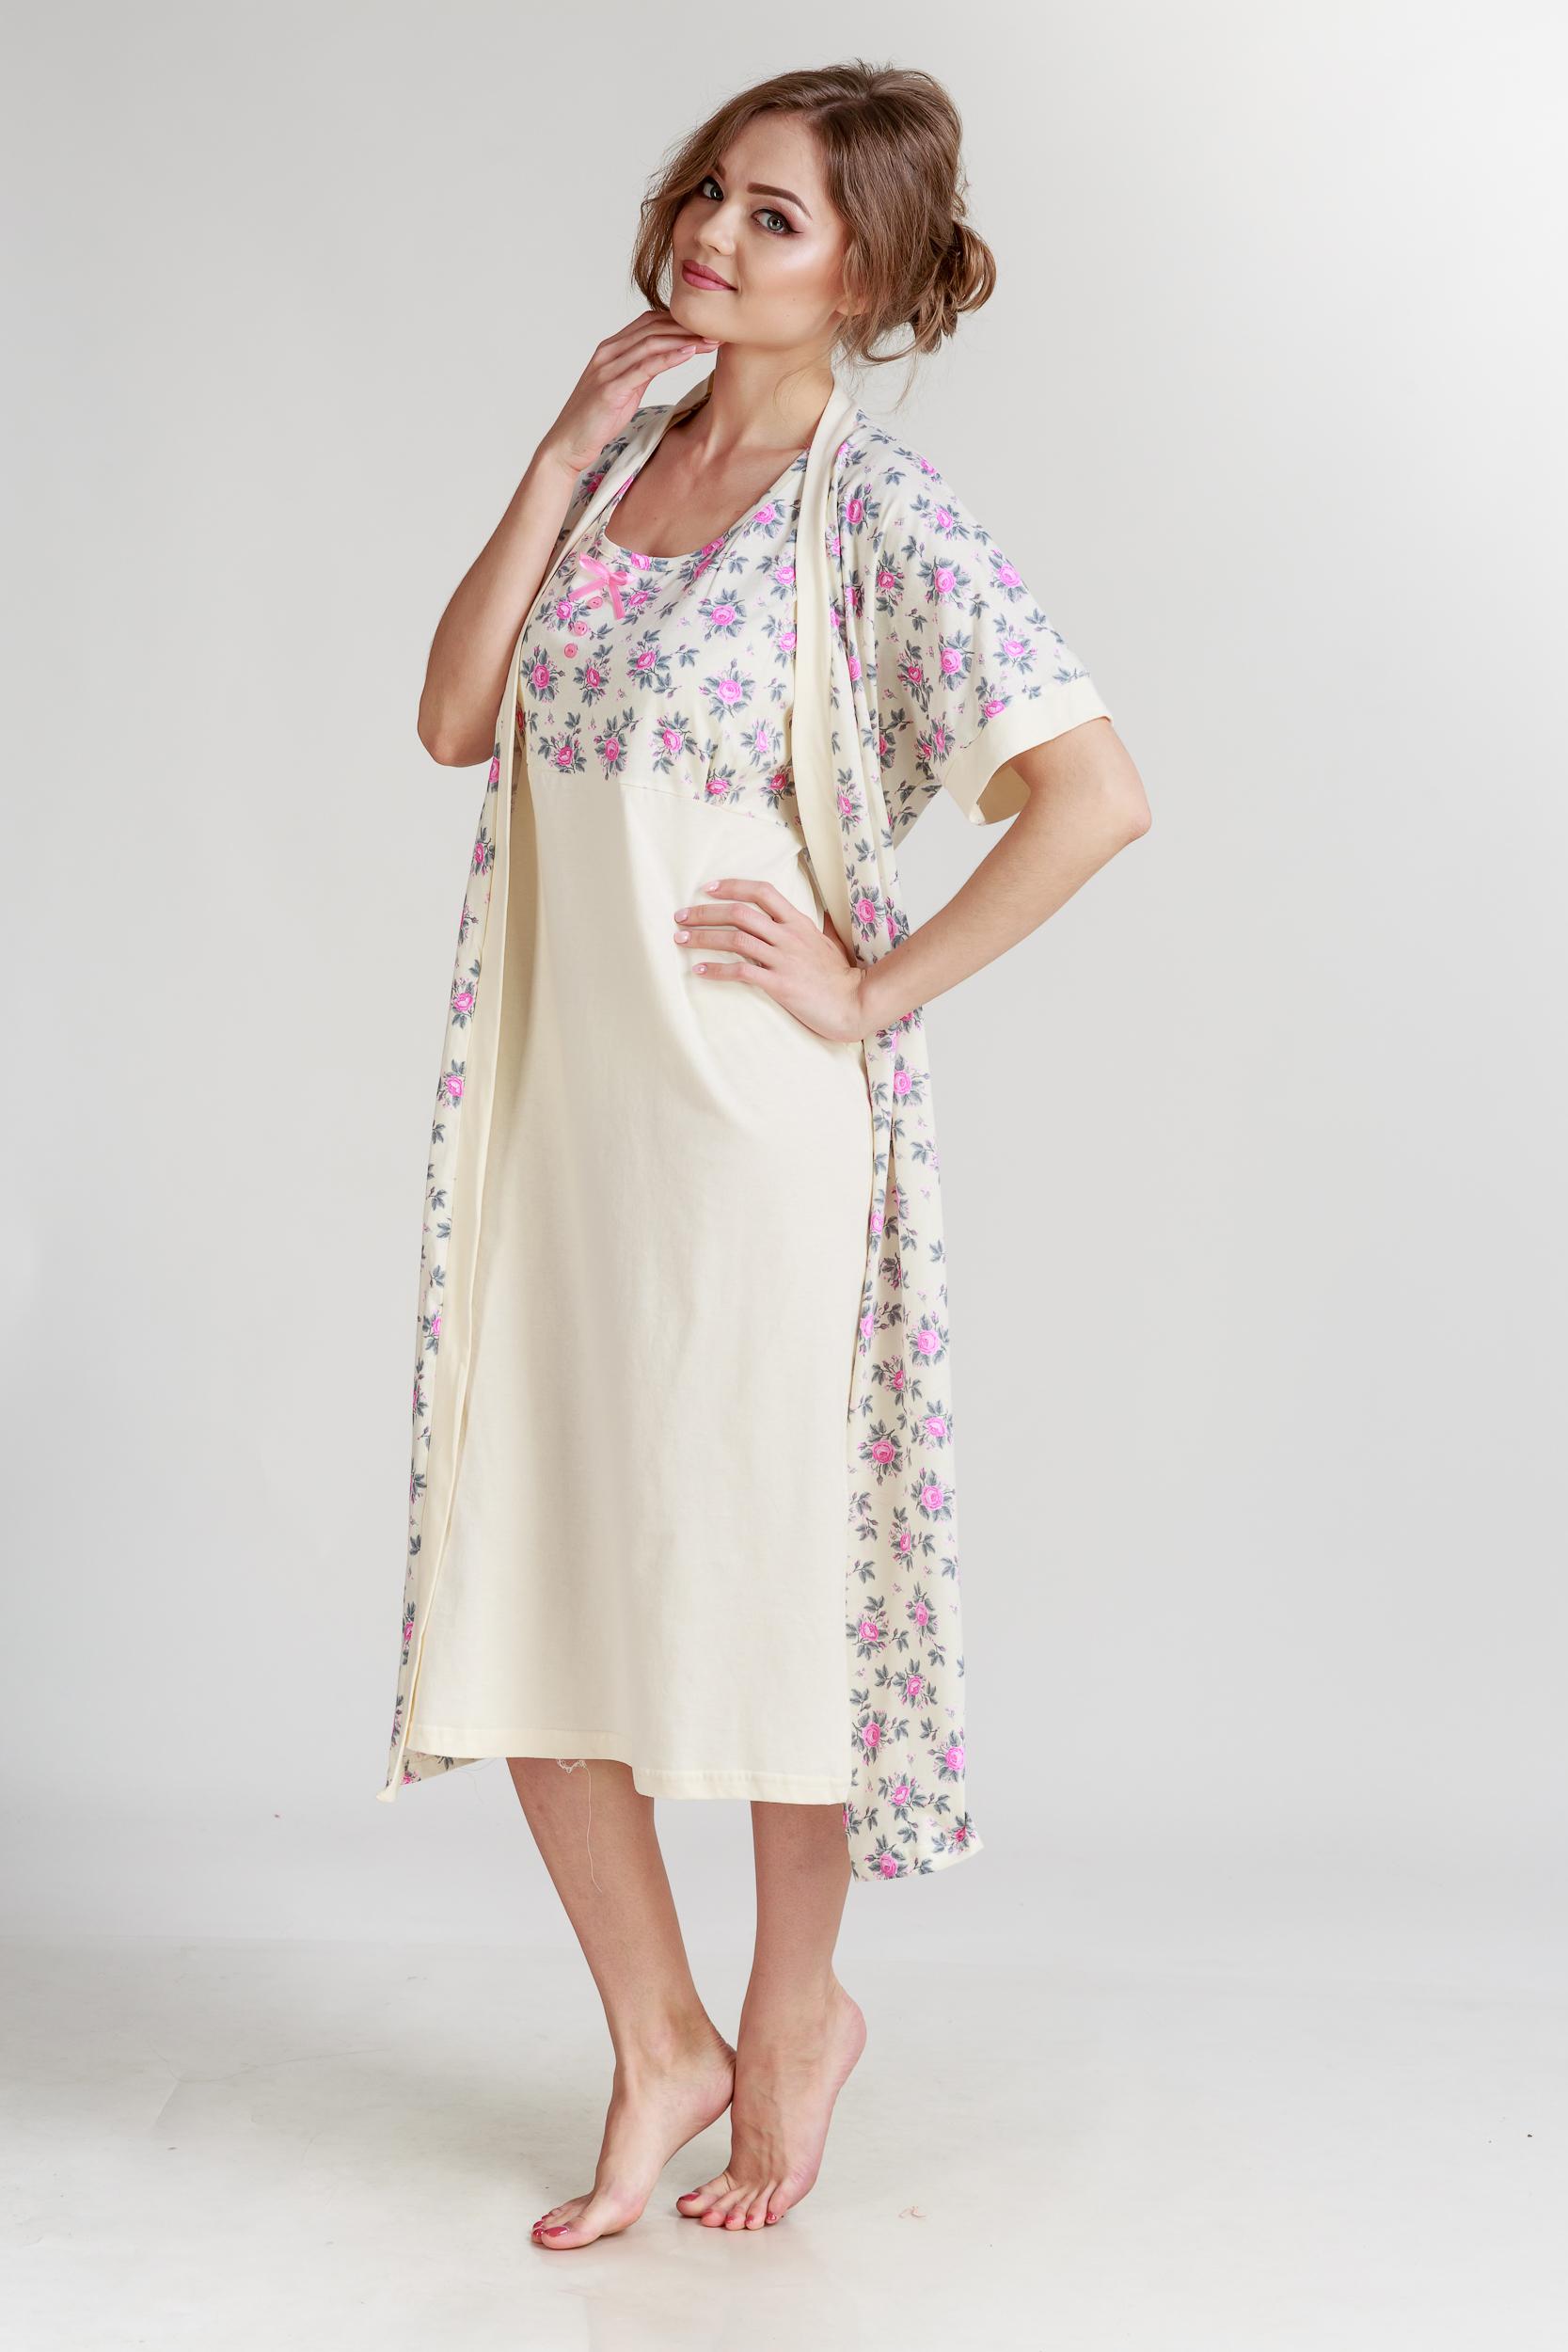 Домашние халаты Pastilla Халат и сорочка Ваниль Цвет: Розовый Экрю (L) халаты домашние лори халат